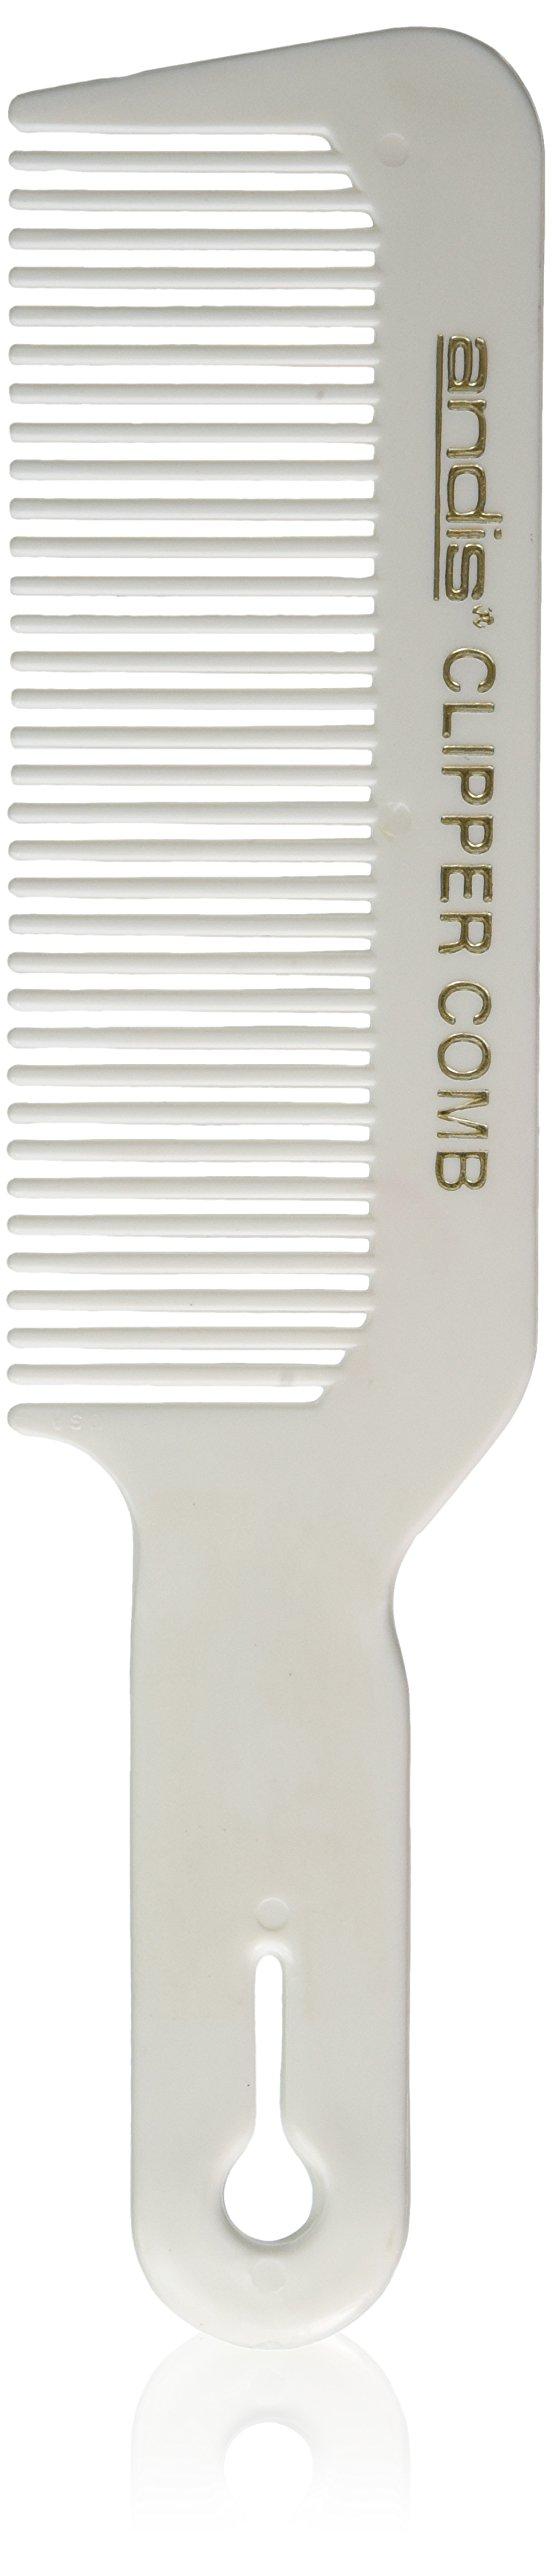 Amazon Flattopper Clipper Comb Beauty